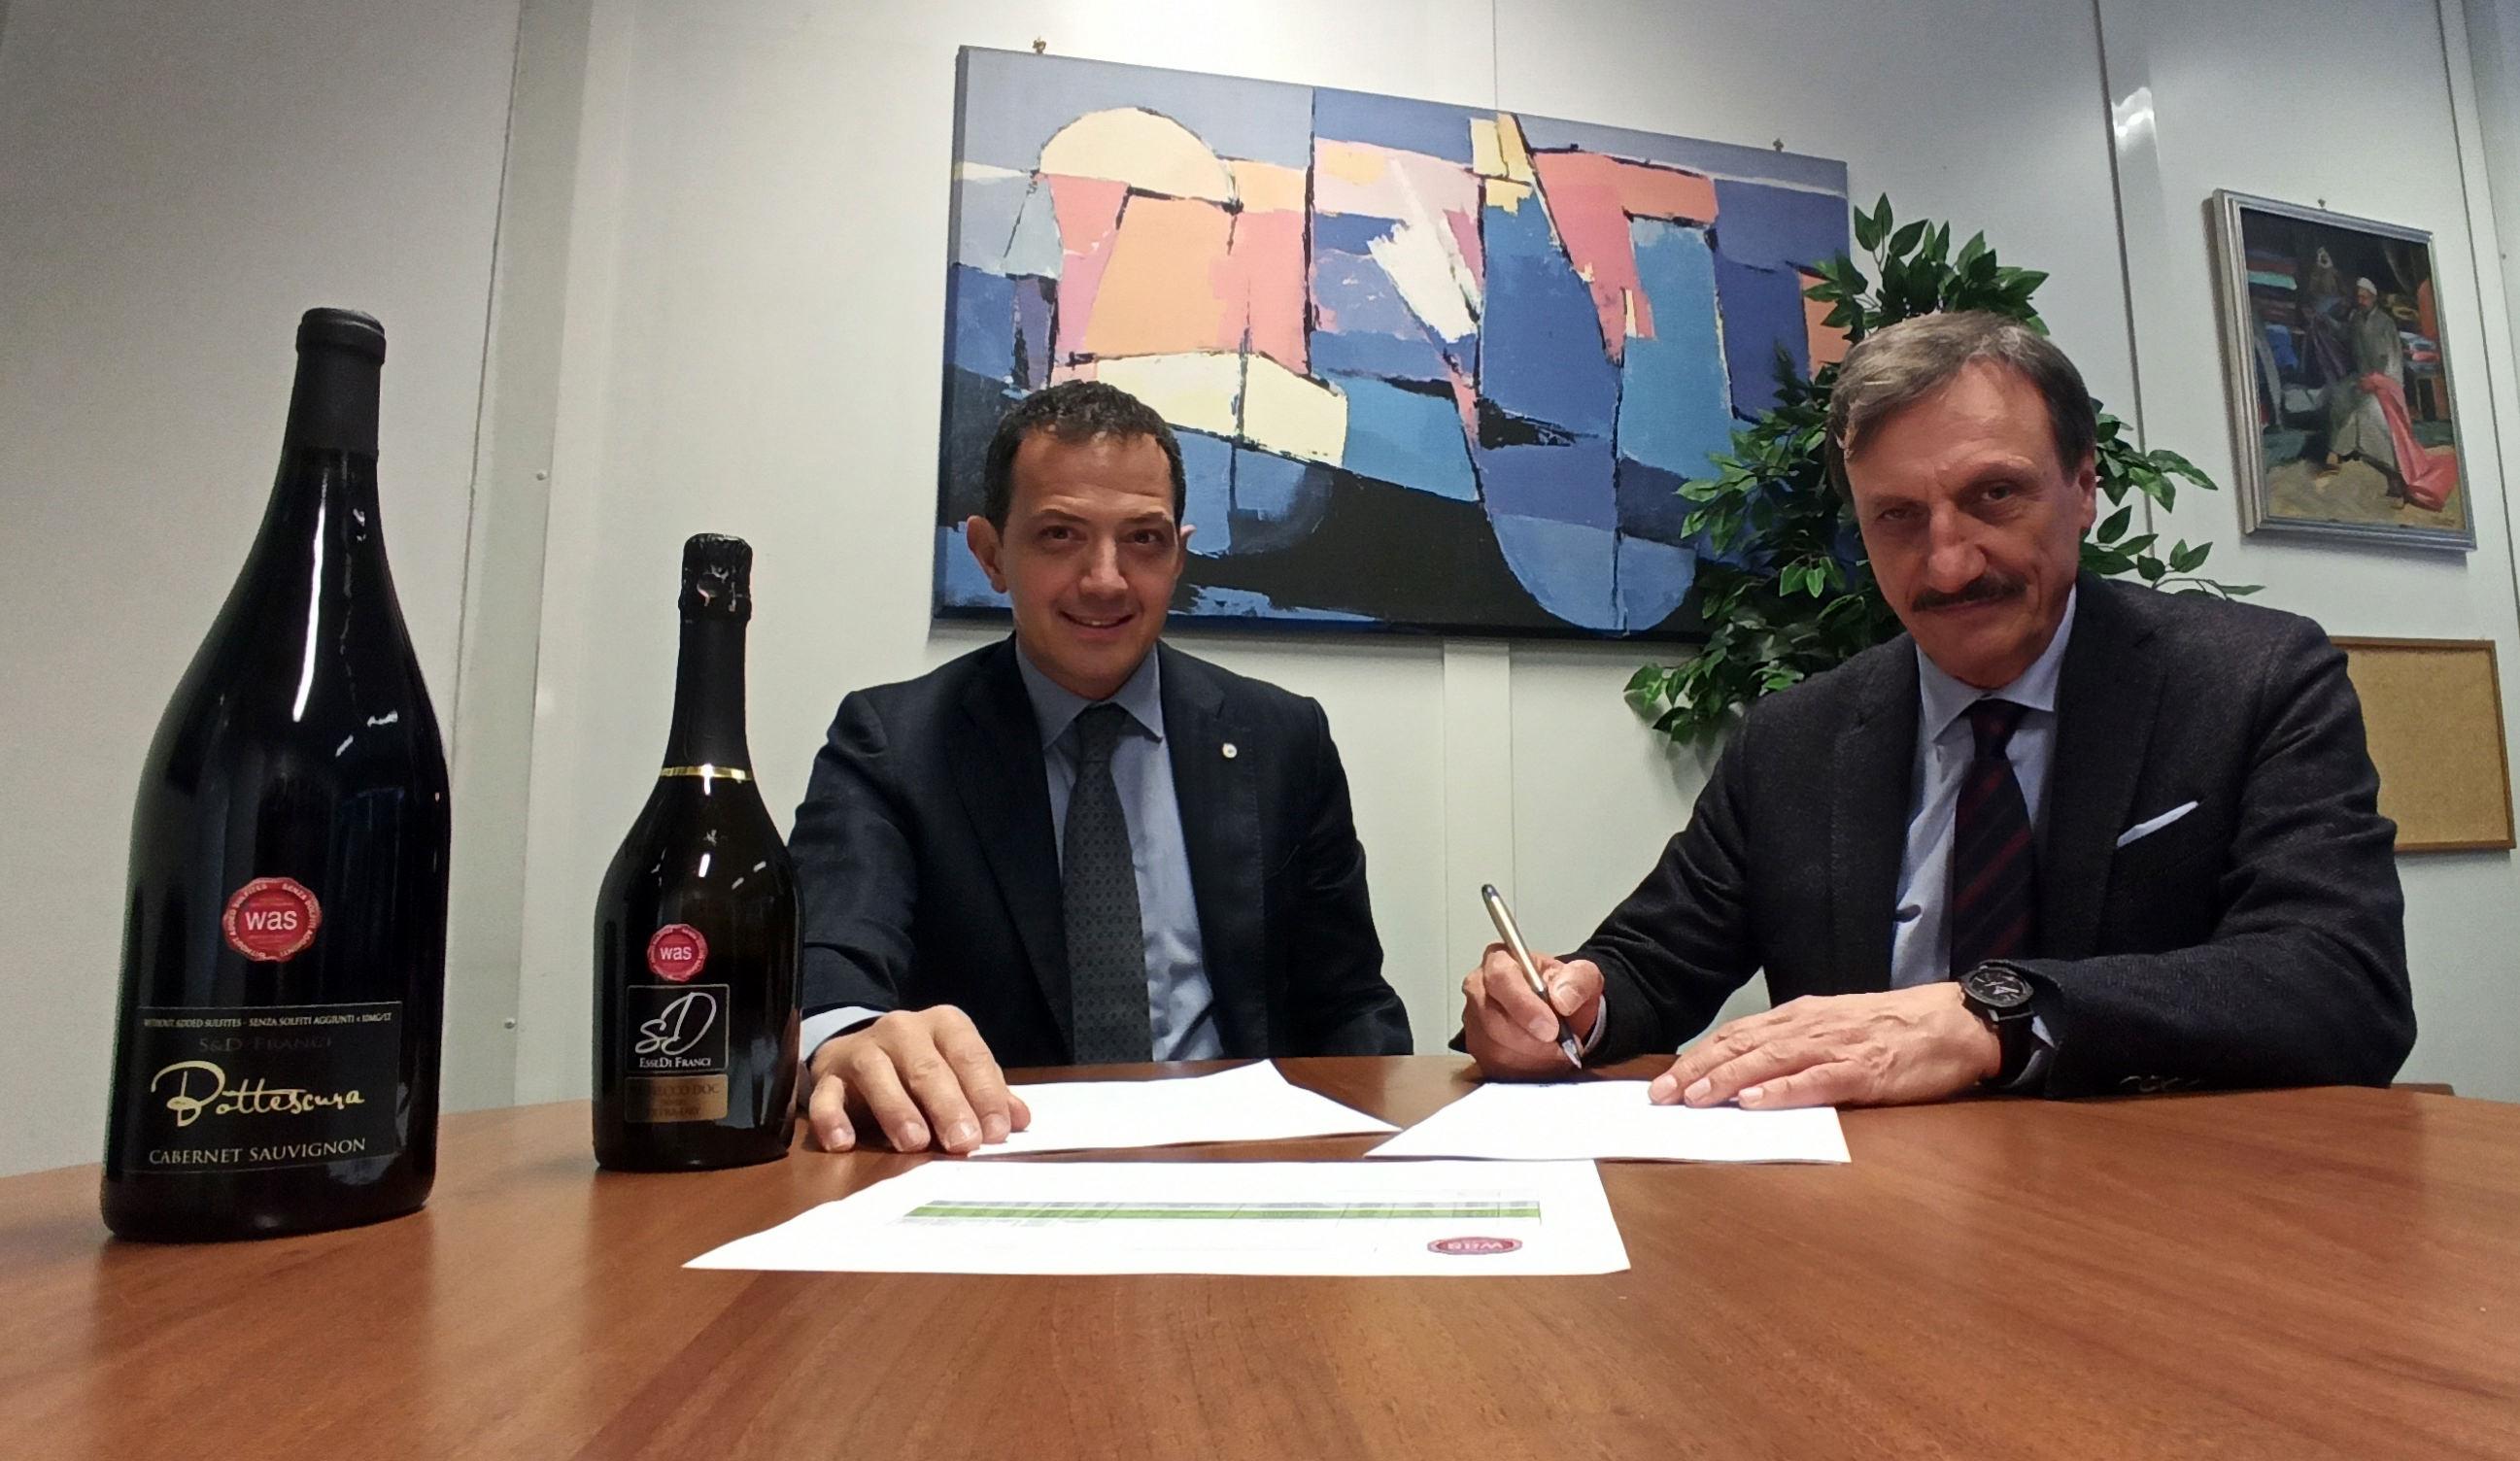 La Wine Was Brand Ambassador di Tesori d'Italia